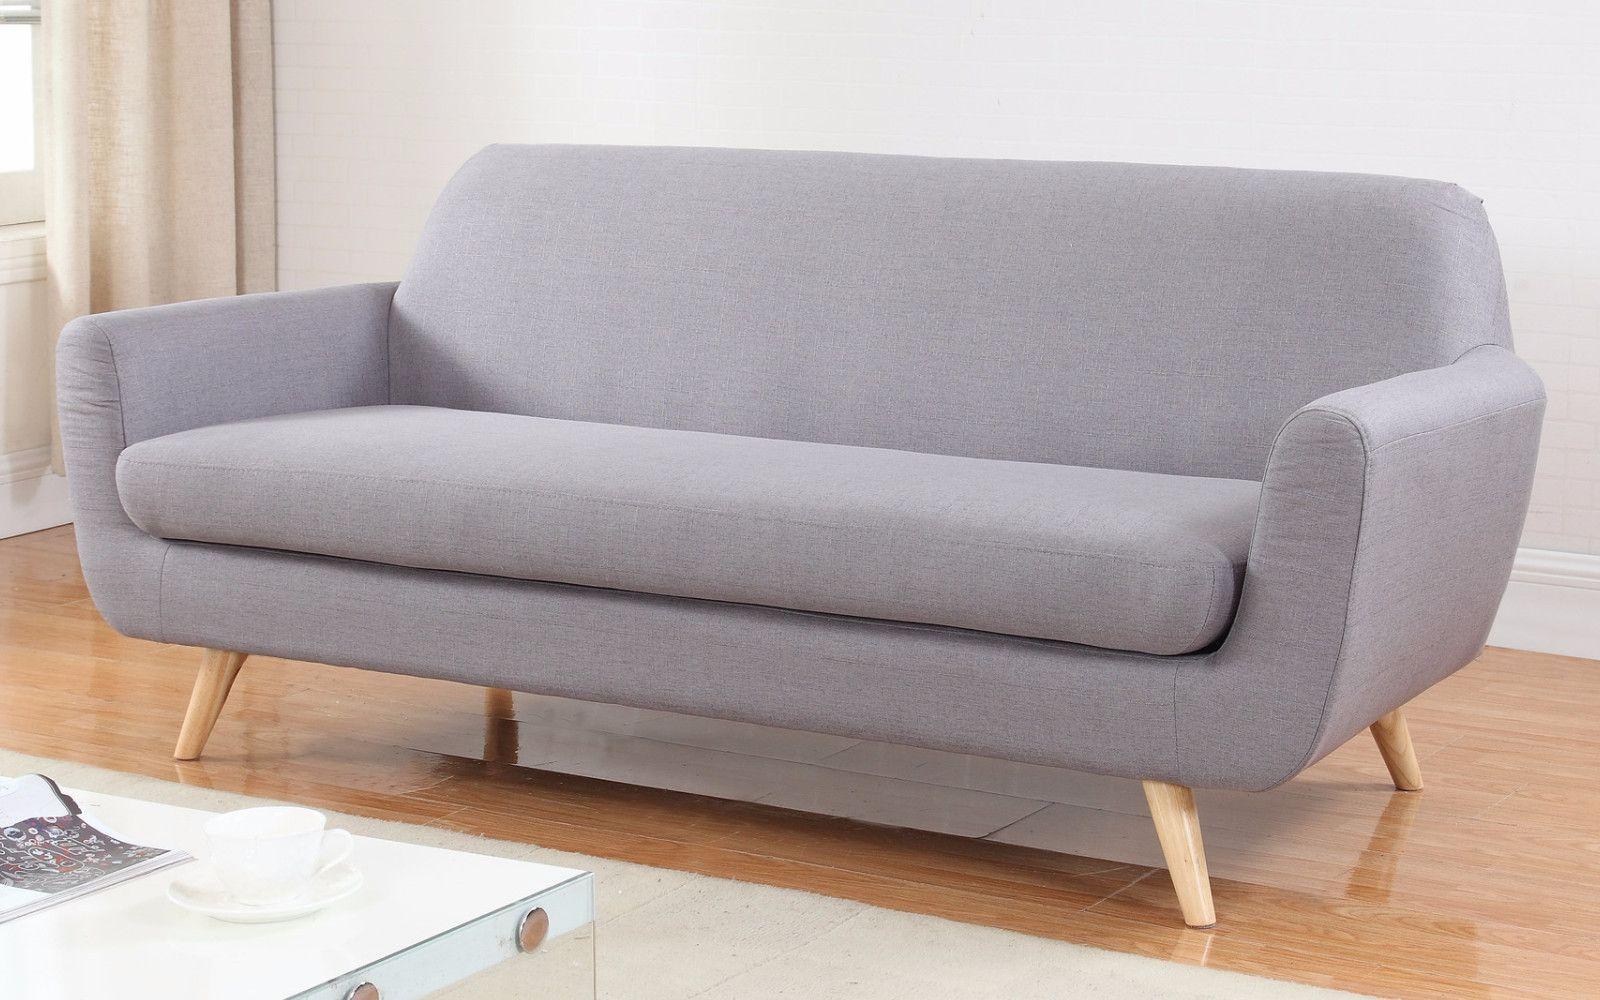 Sofa Vintage Furniture Sofa Sofa Bed Single Sofa Sofa Modern